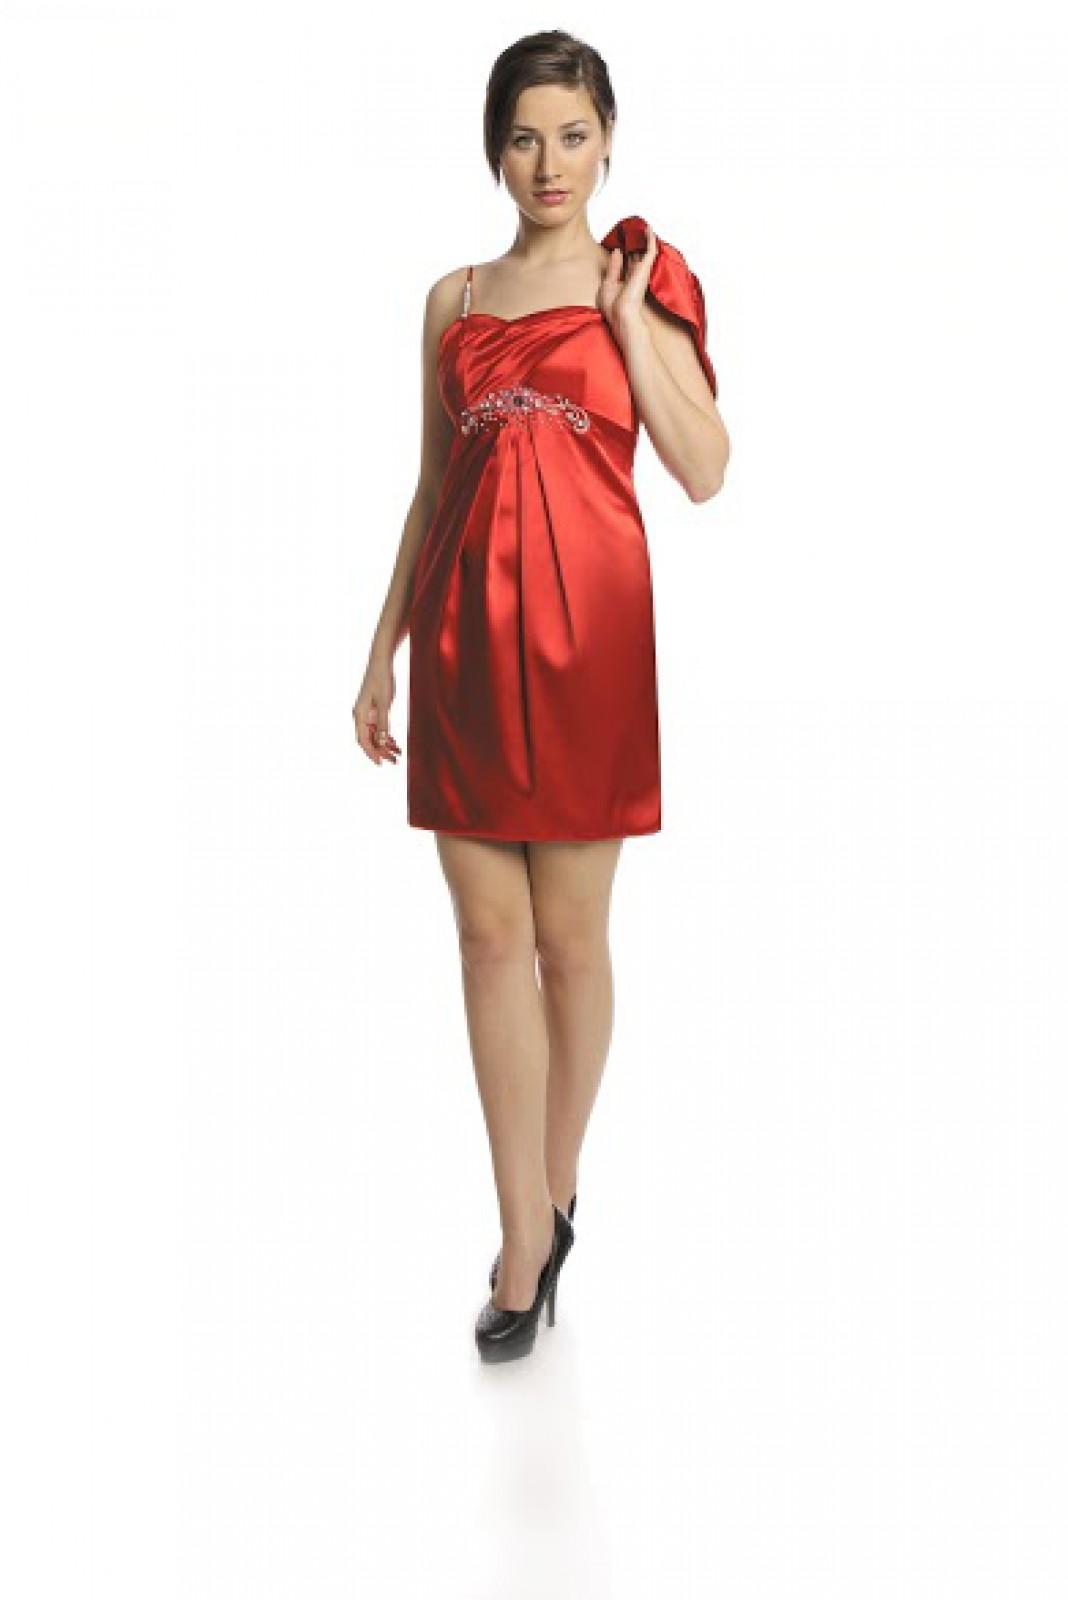 Beste Rot Und Weiß Partykleid Fotos - Hochzeit Kleid Stile Ideen ...